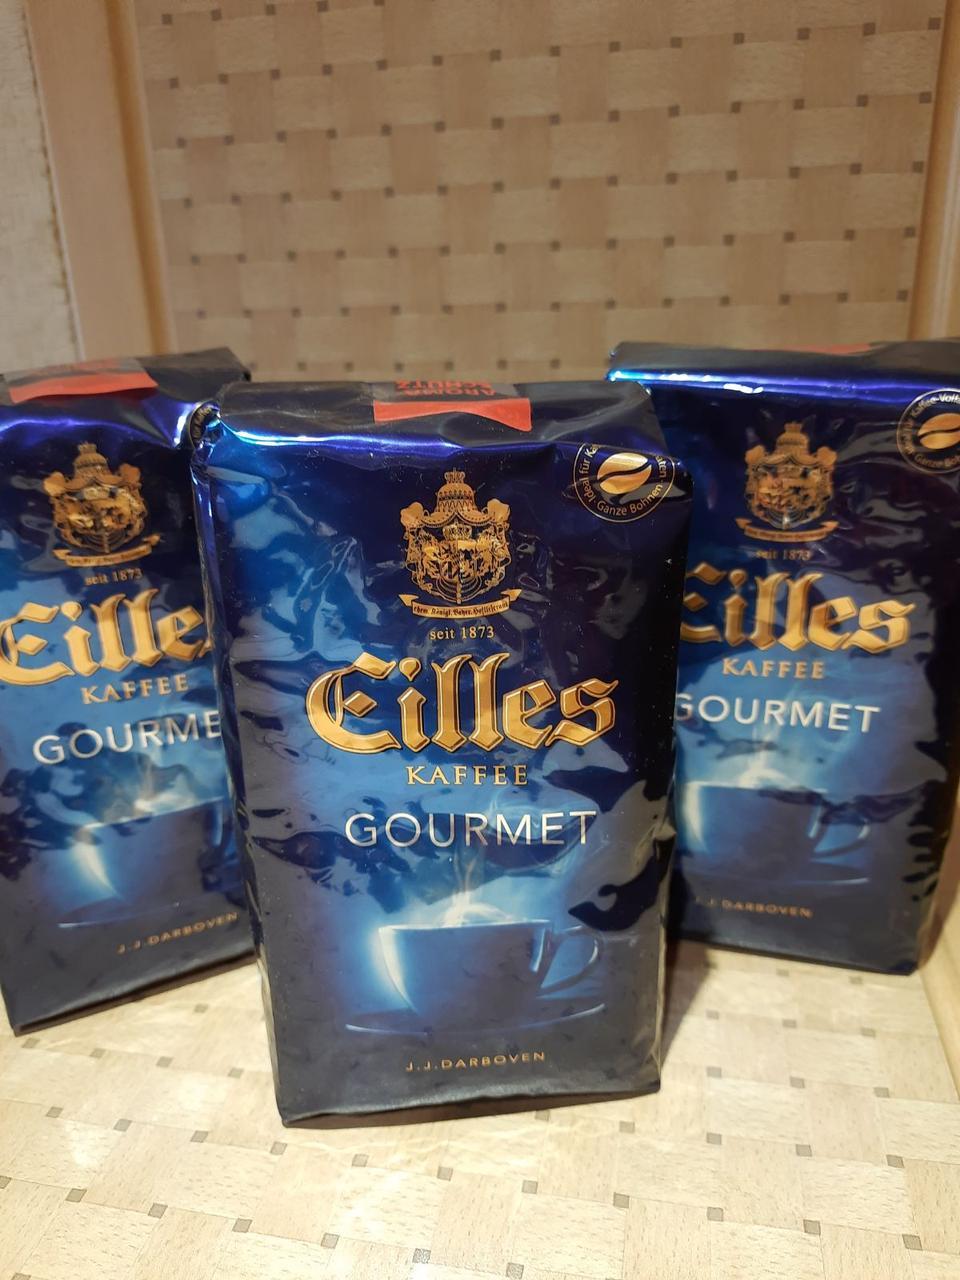 Кофе зерно Eilles Gourmet 500г Арабика 100% (Германия) - 155 грн